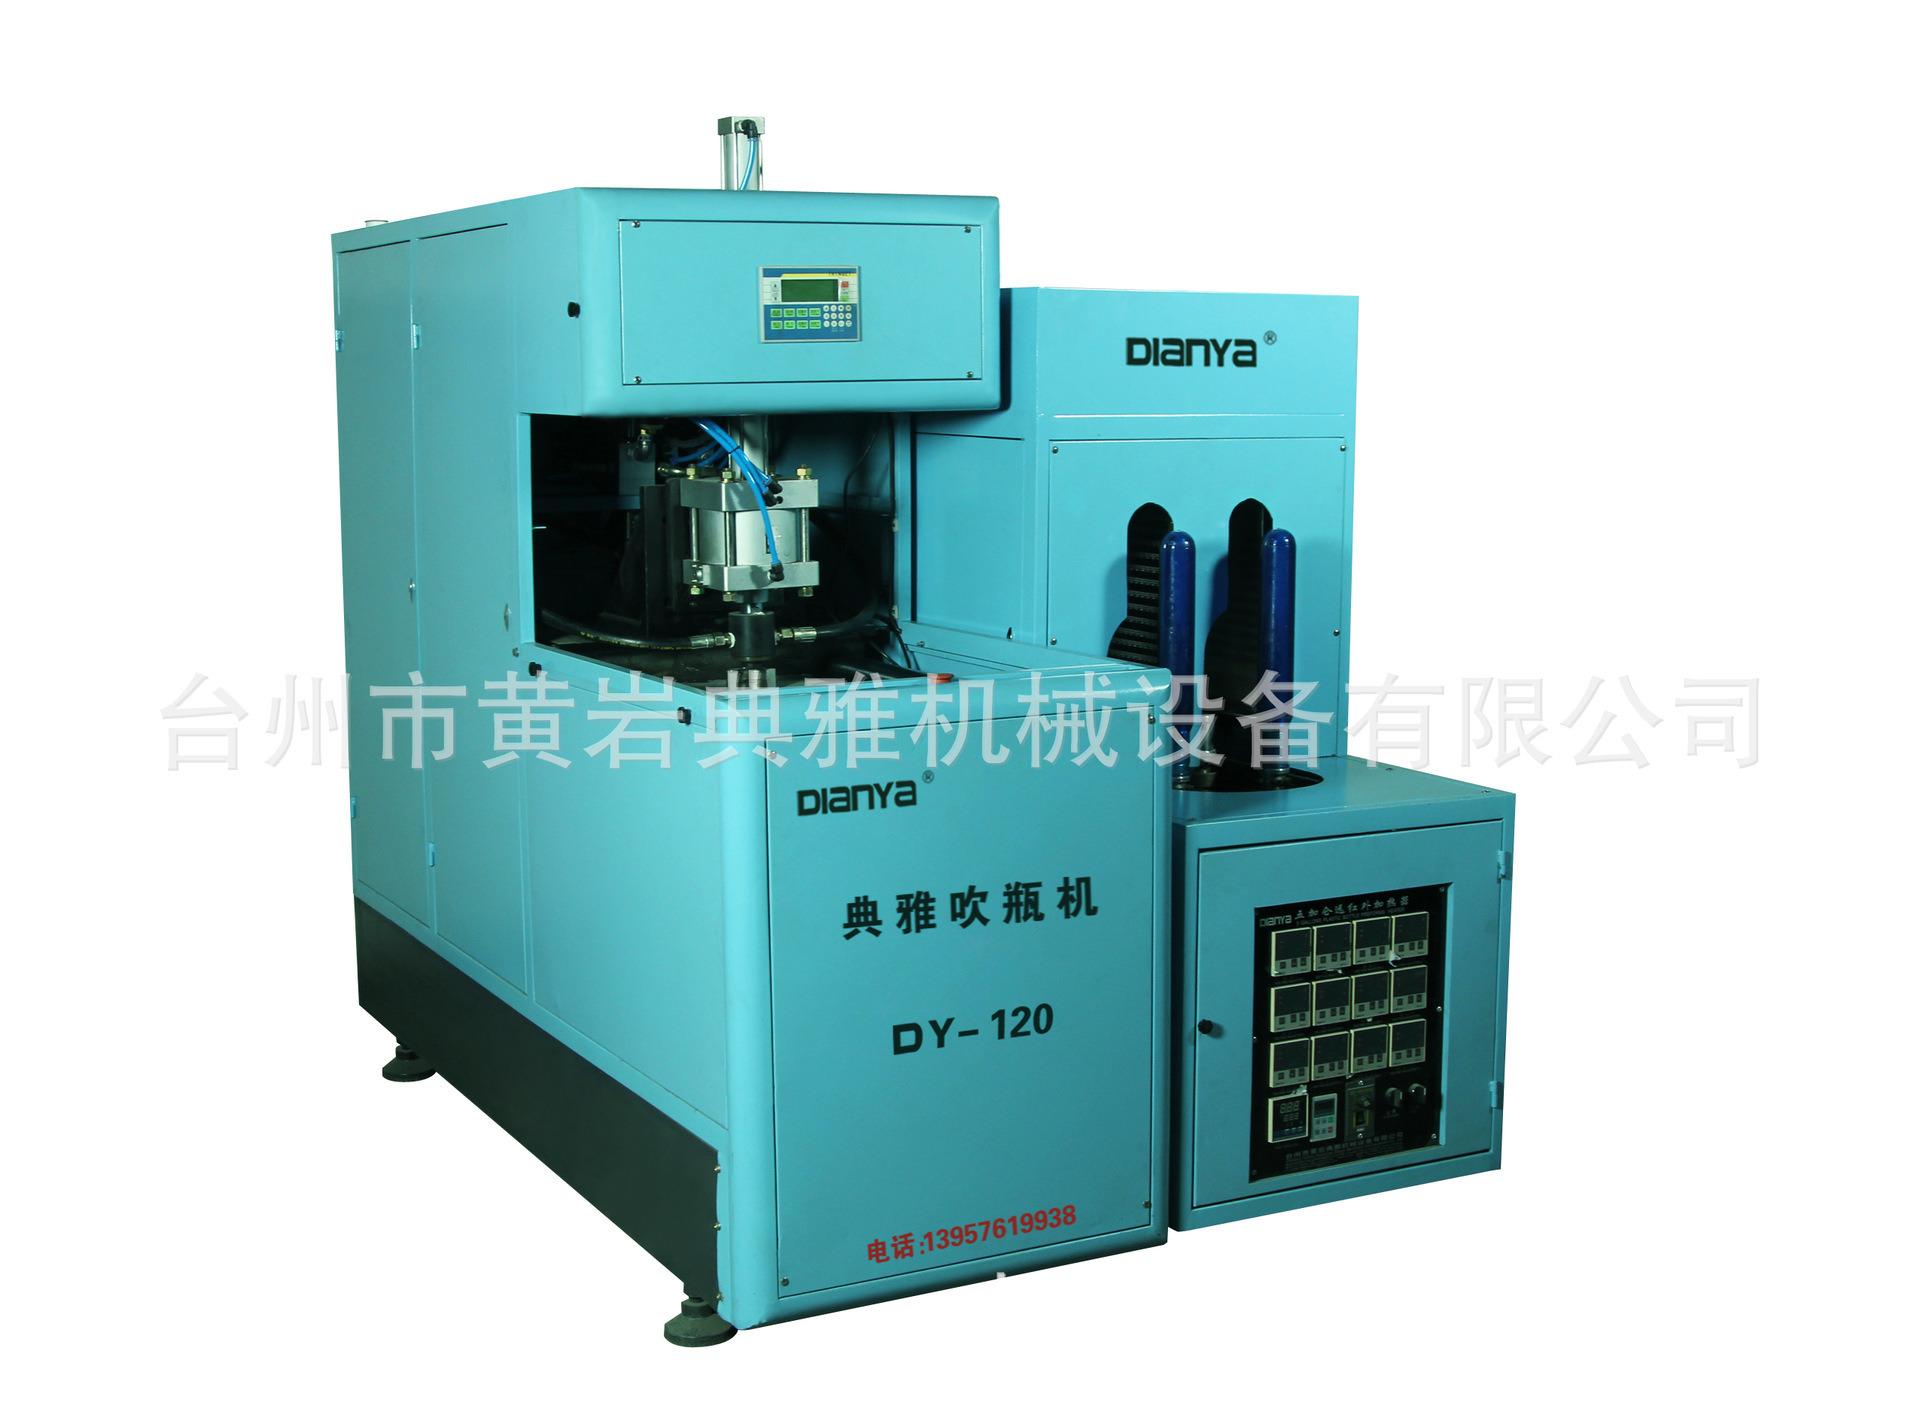 DY-120绿色